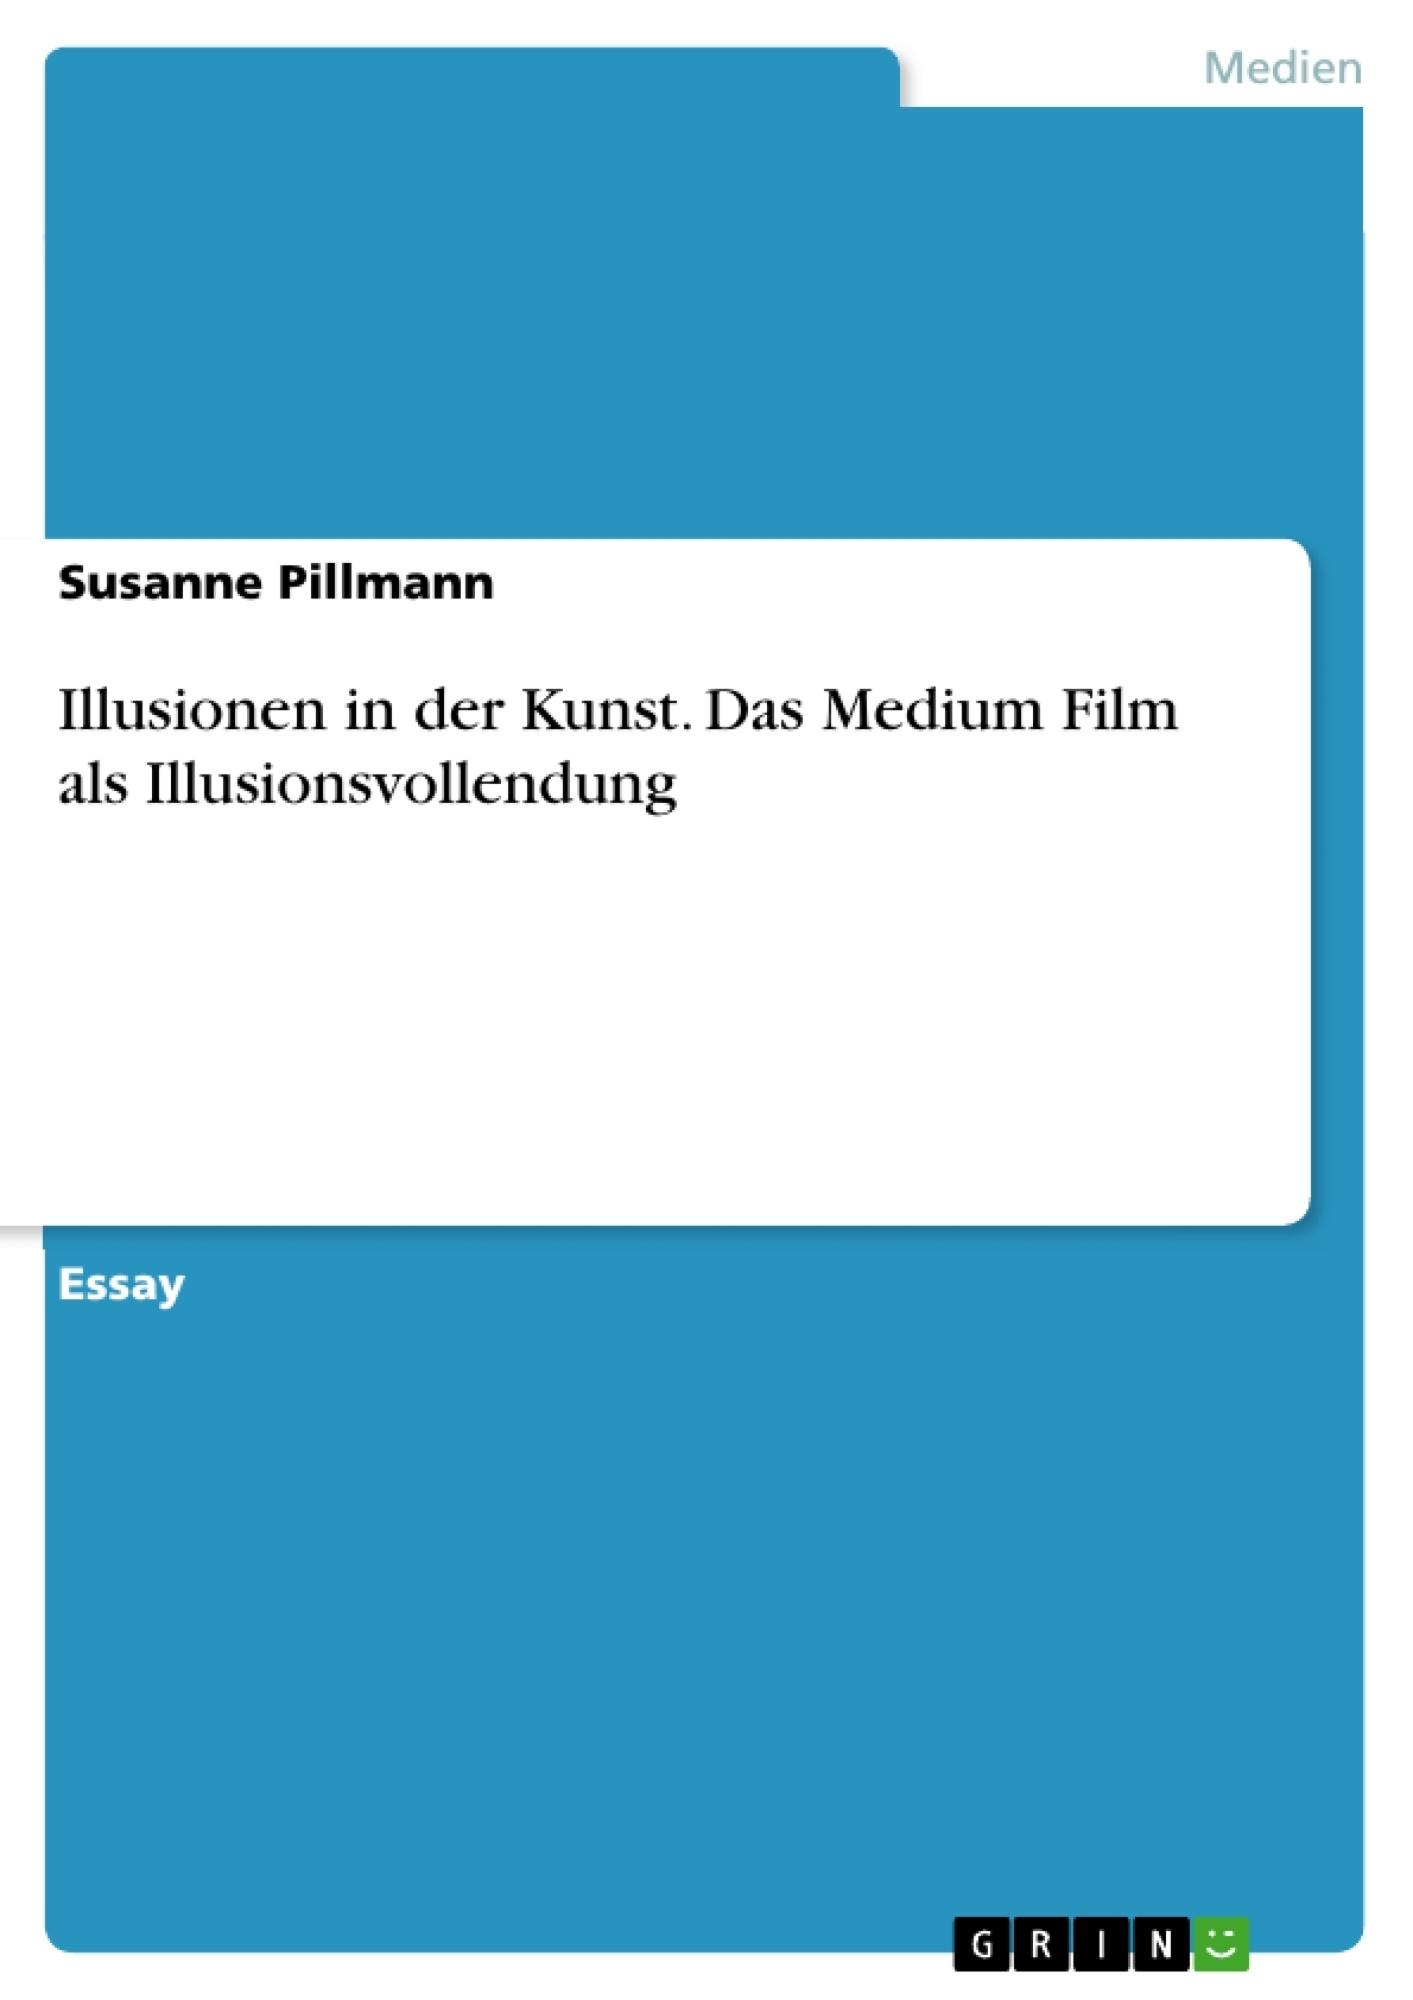 Titel: Illusionen in der Kunst. Das Medium Film als Illusionsvollendung